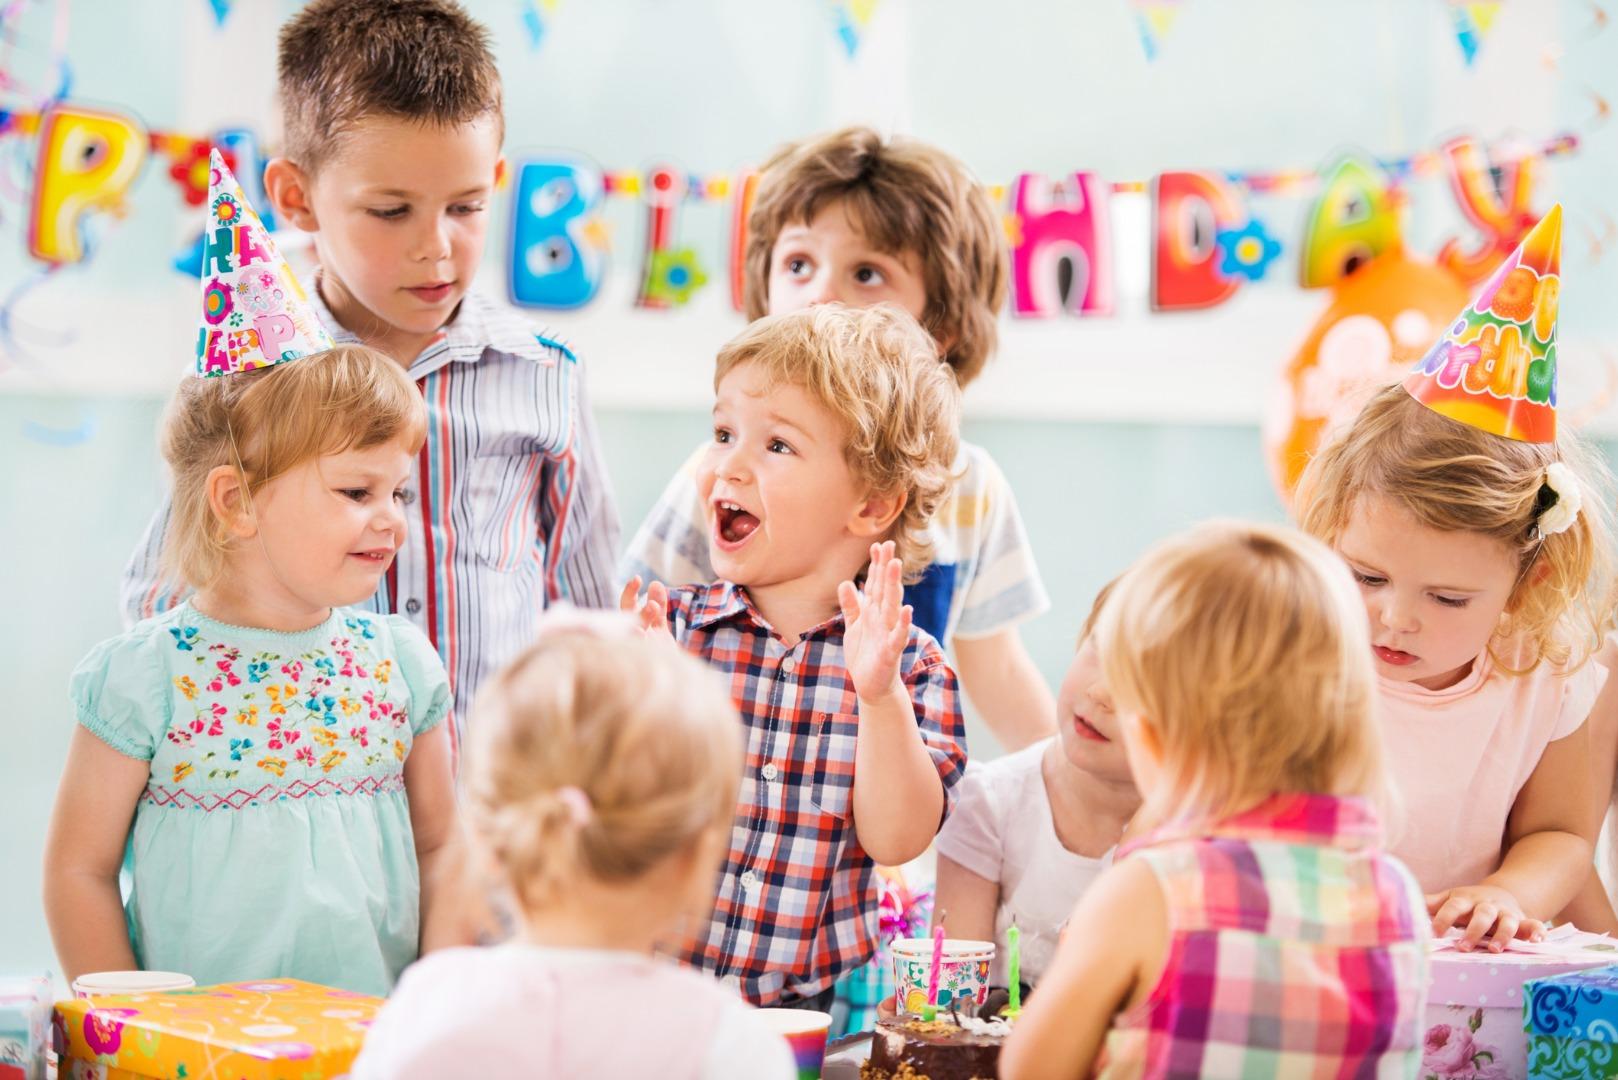 День рождения в детском саду: 6 важных правил